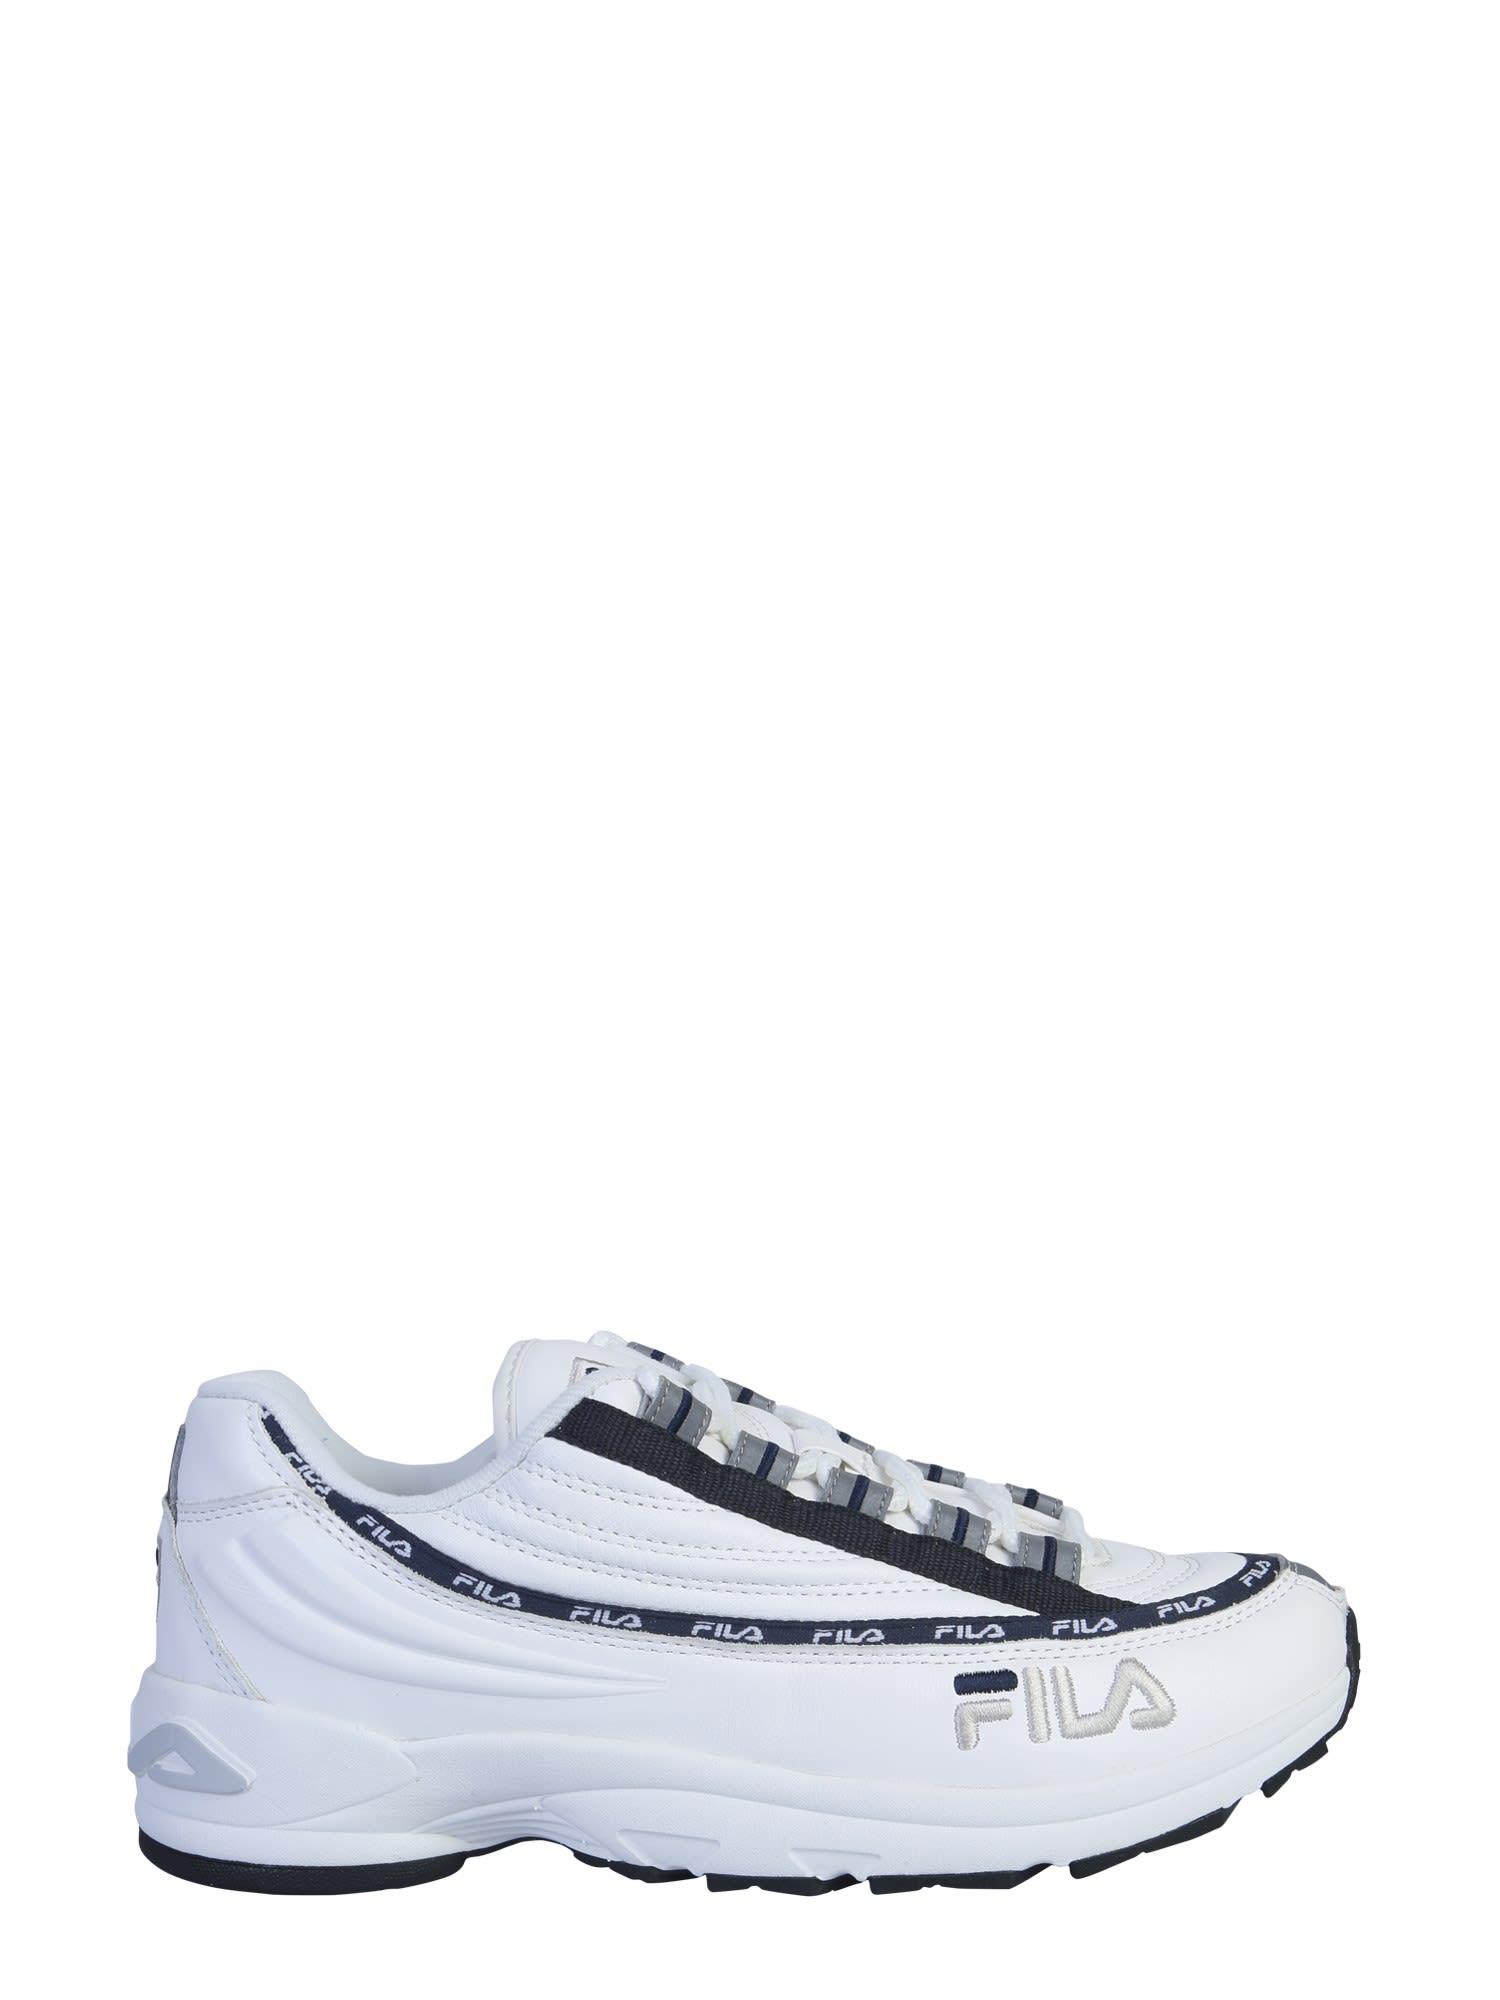 Fila Dstr97 Sneaker